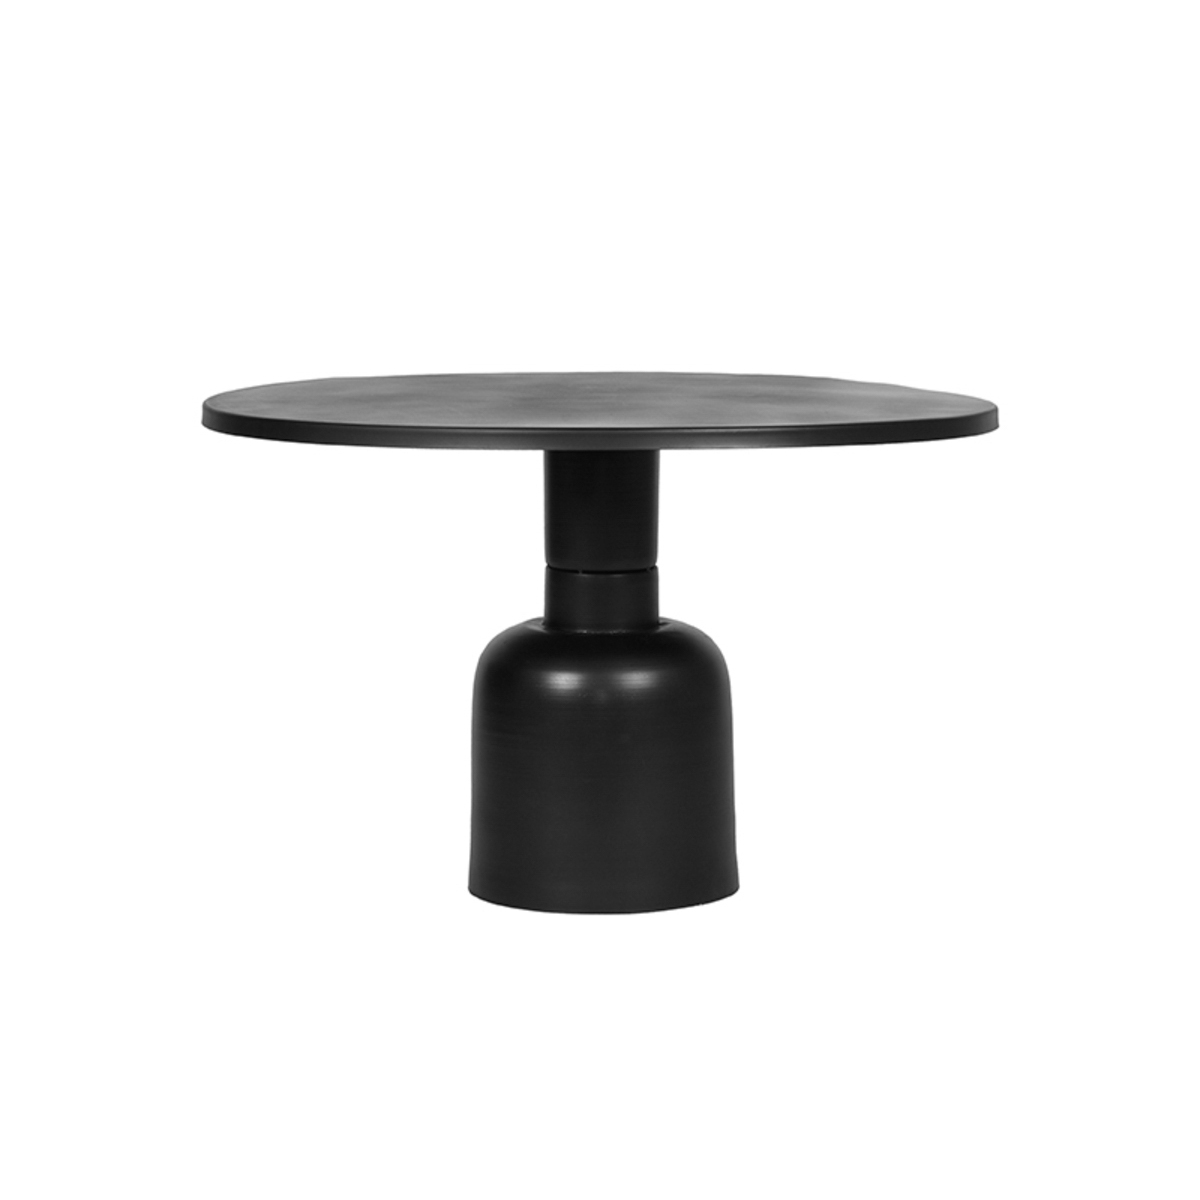 Salontafel Wink 70x70x46 cm - Zwart - Metaal